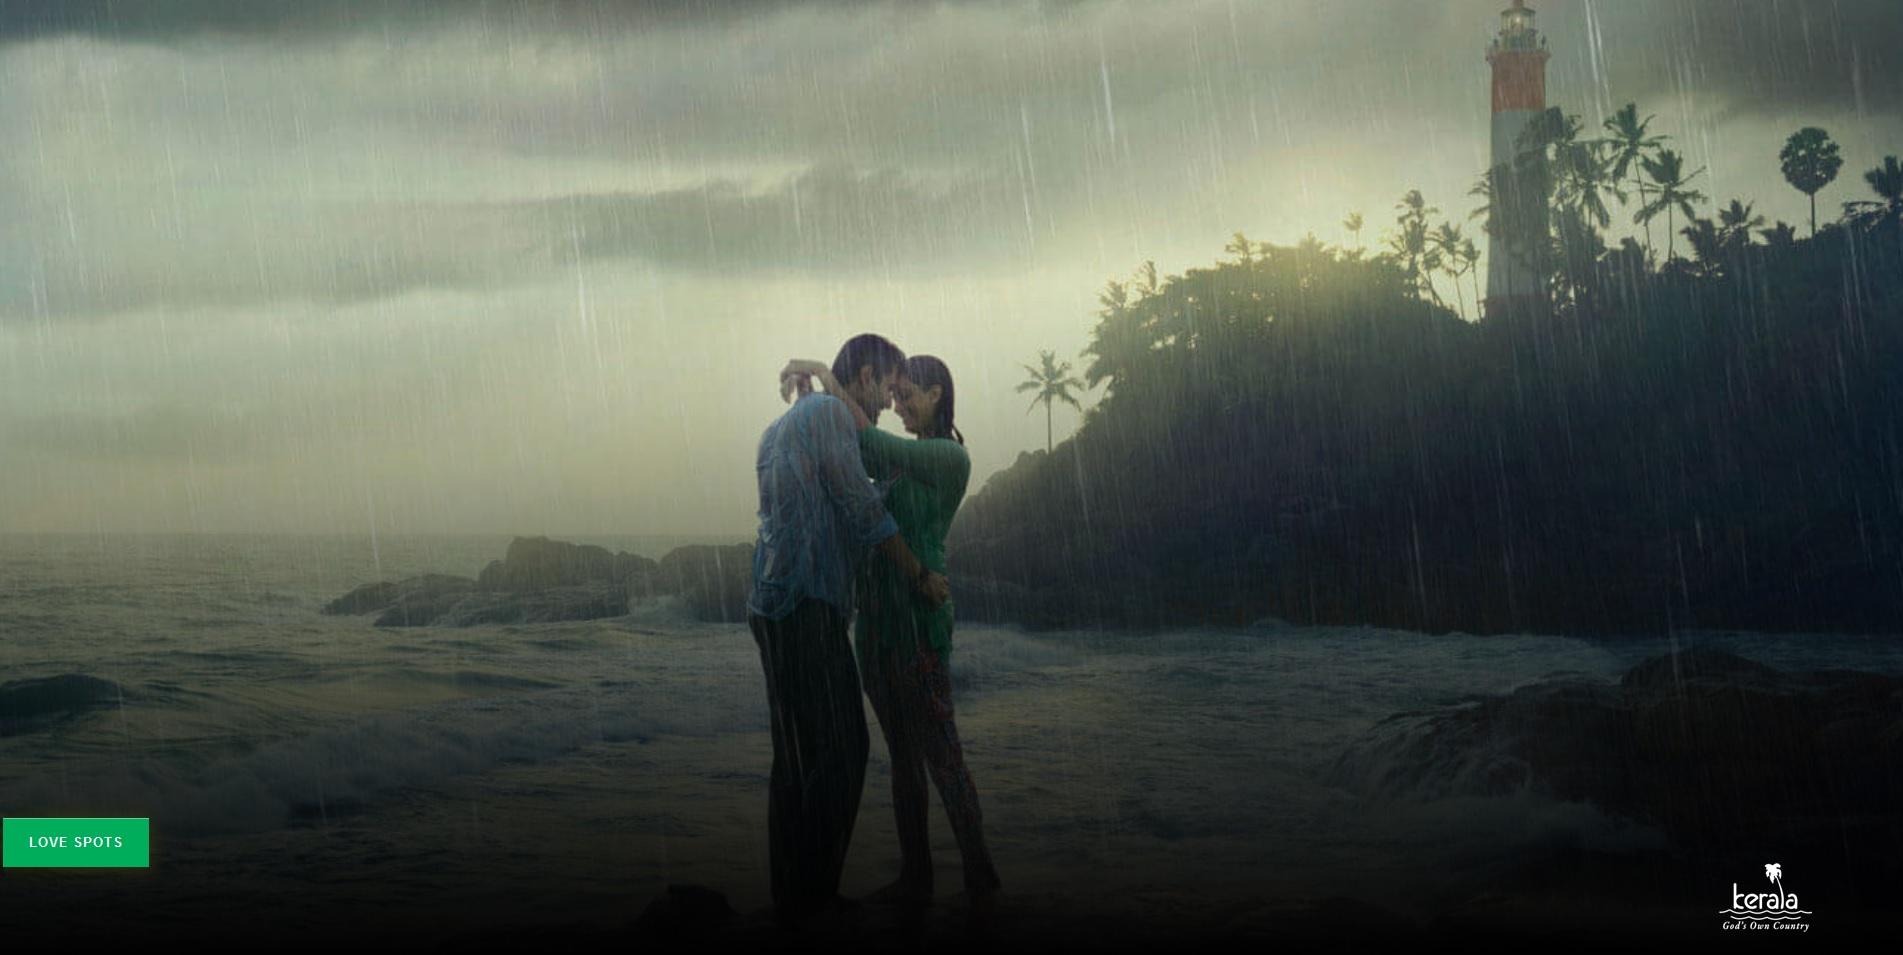 Explore Kerala Honeymoon Package in Kerala | kerala trip honeymoon package